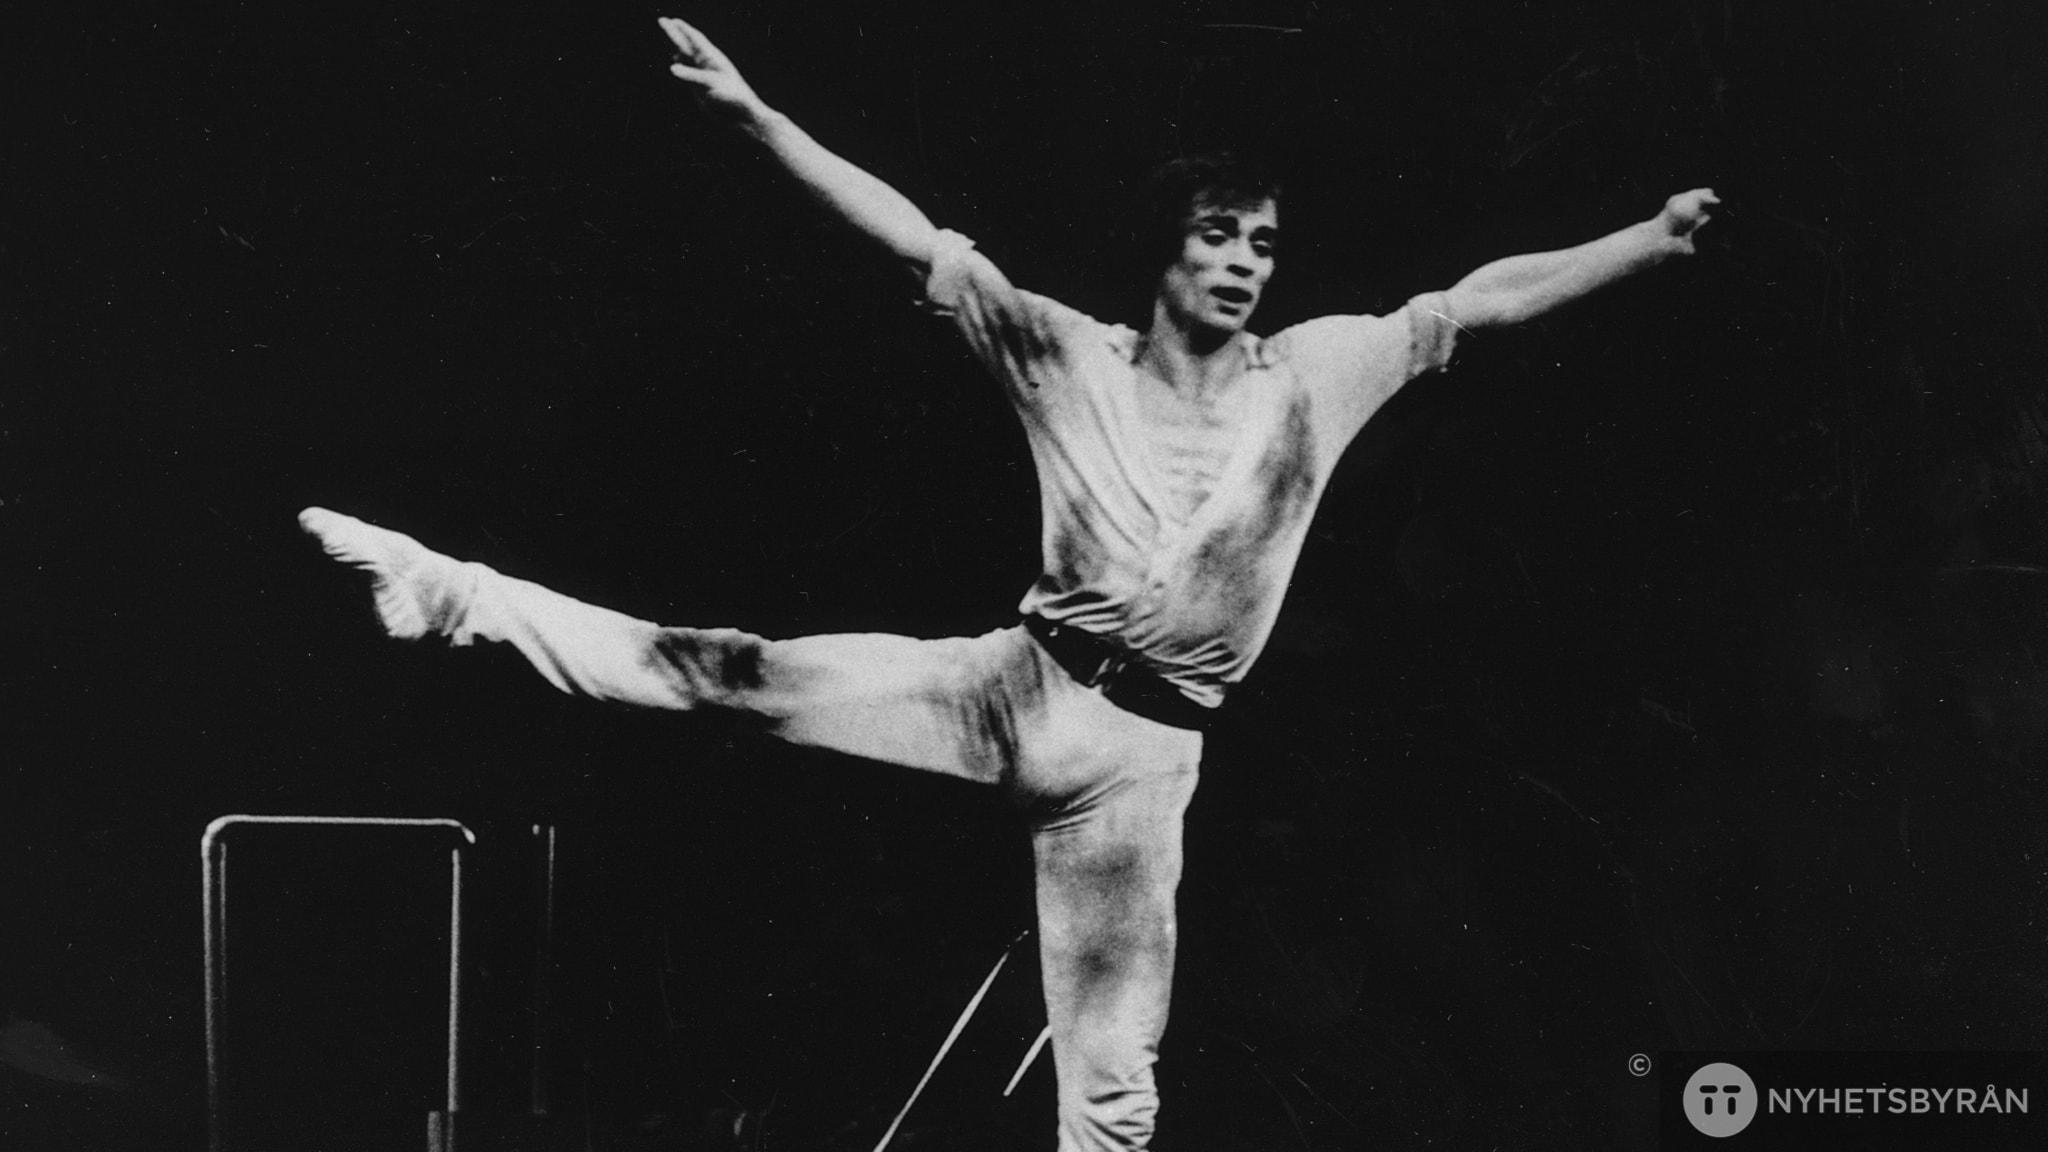 Kontroversiell balett, möt regissören till filmen Para knas och porträtt av teaterstjärnan Robert Lepage